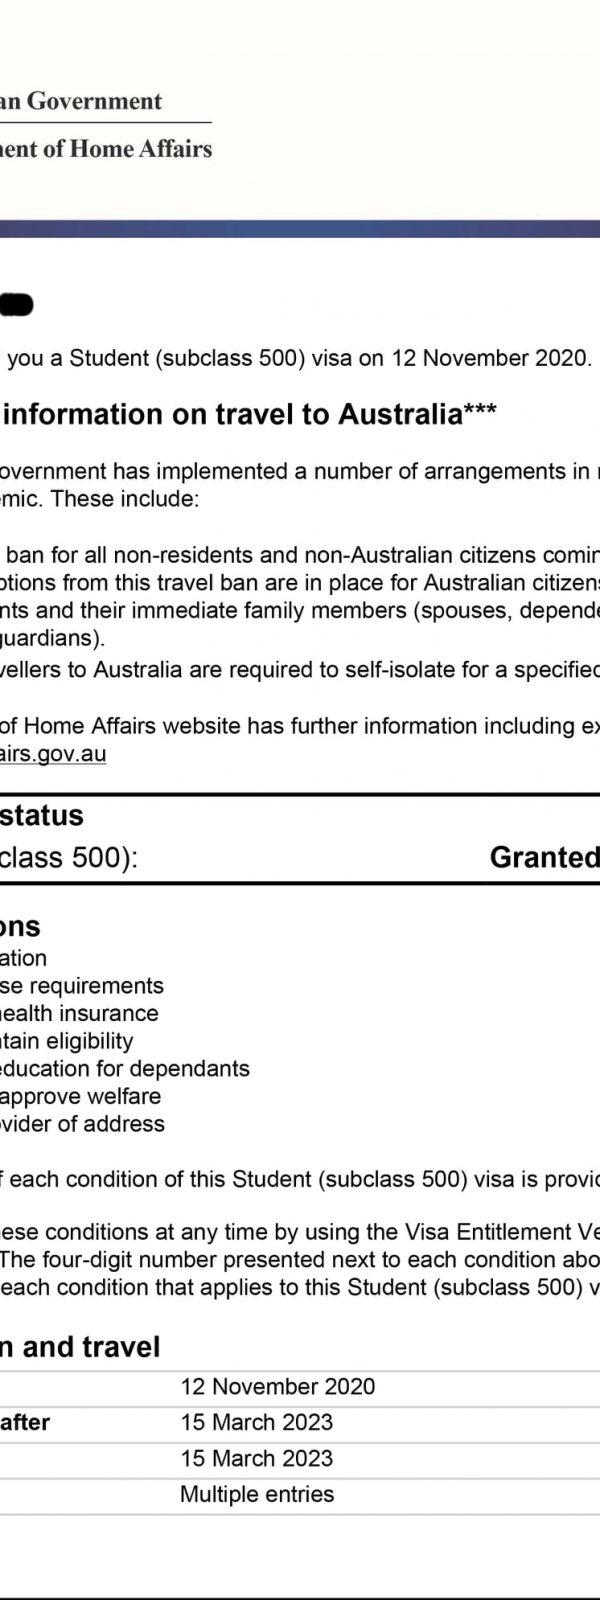 Australian student subclass 500 visa (umer shahid)